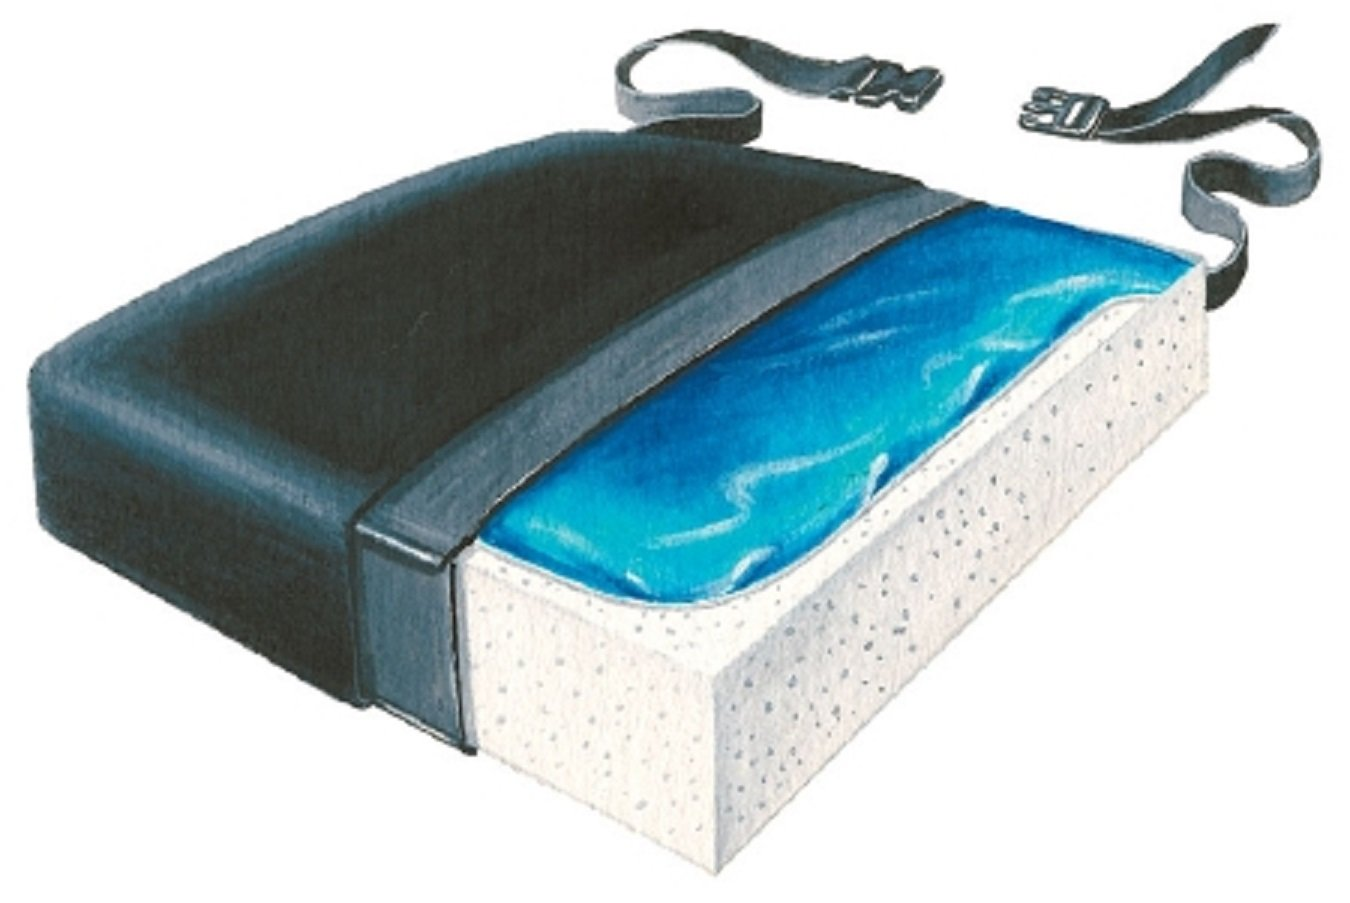 Skil-Care Seat Cushion 16 X 18 X 2-1/2 Inch Gel / Foam